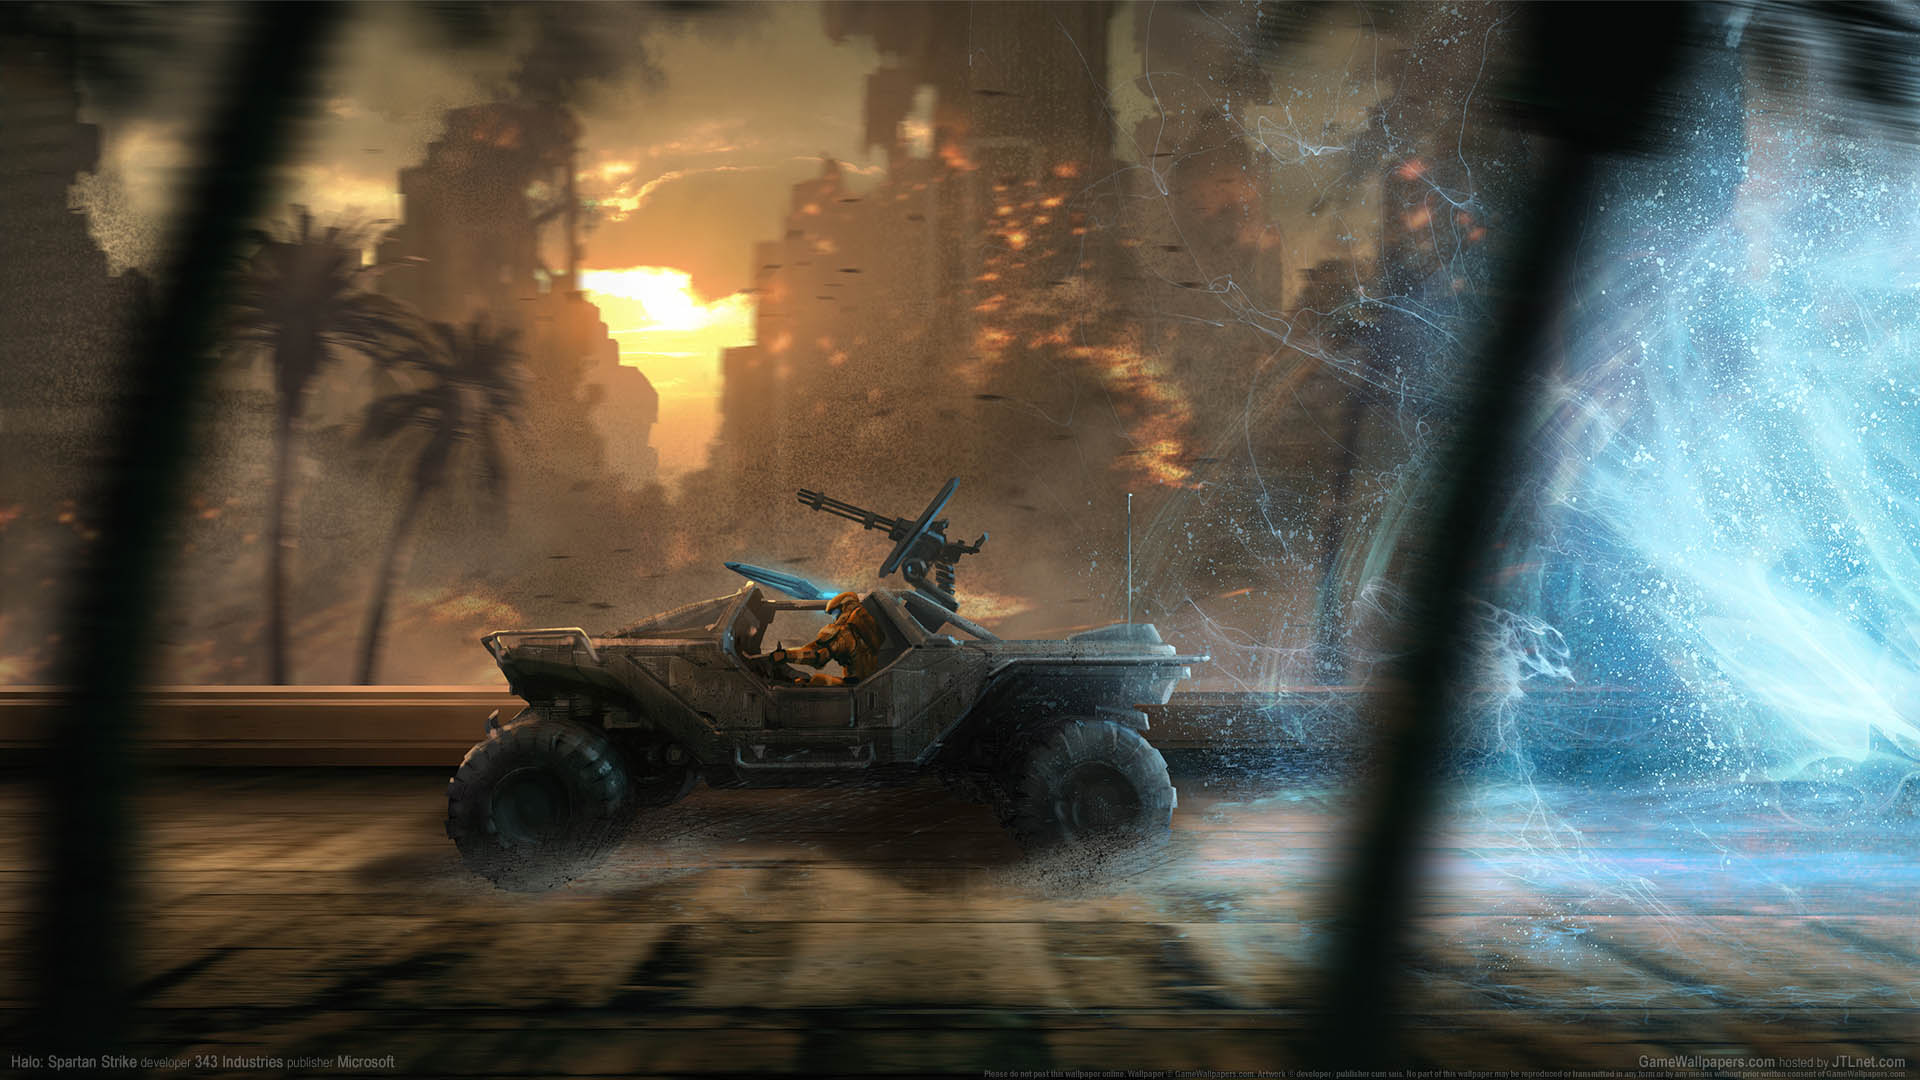 Halo: Spartan Strike wallpaper 01 1920x1080